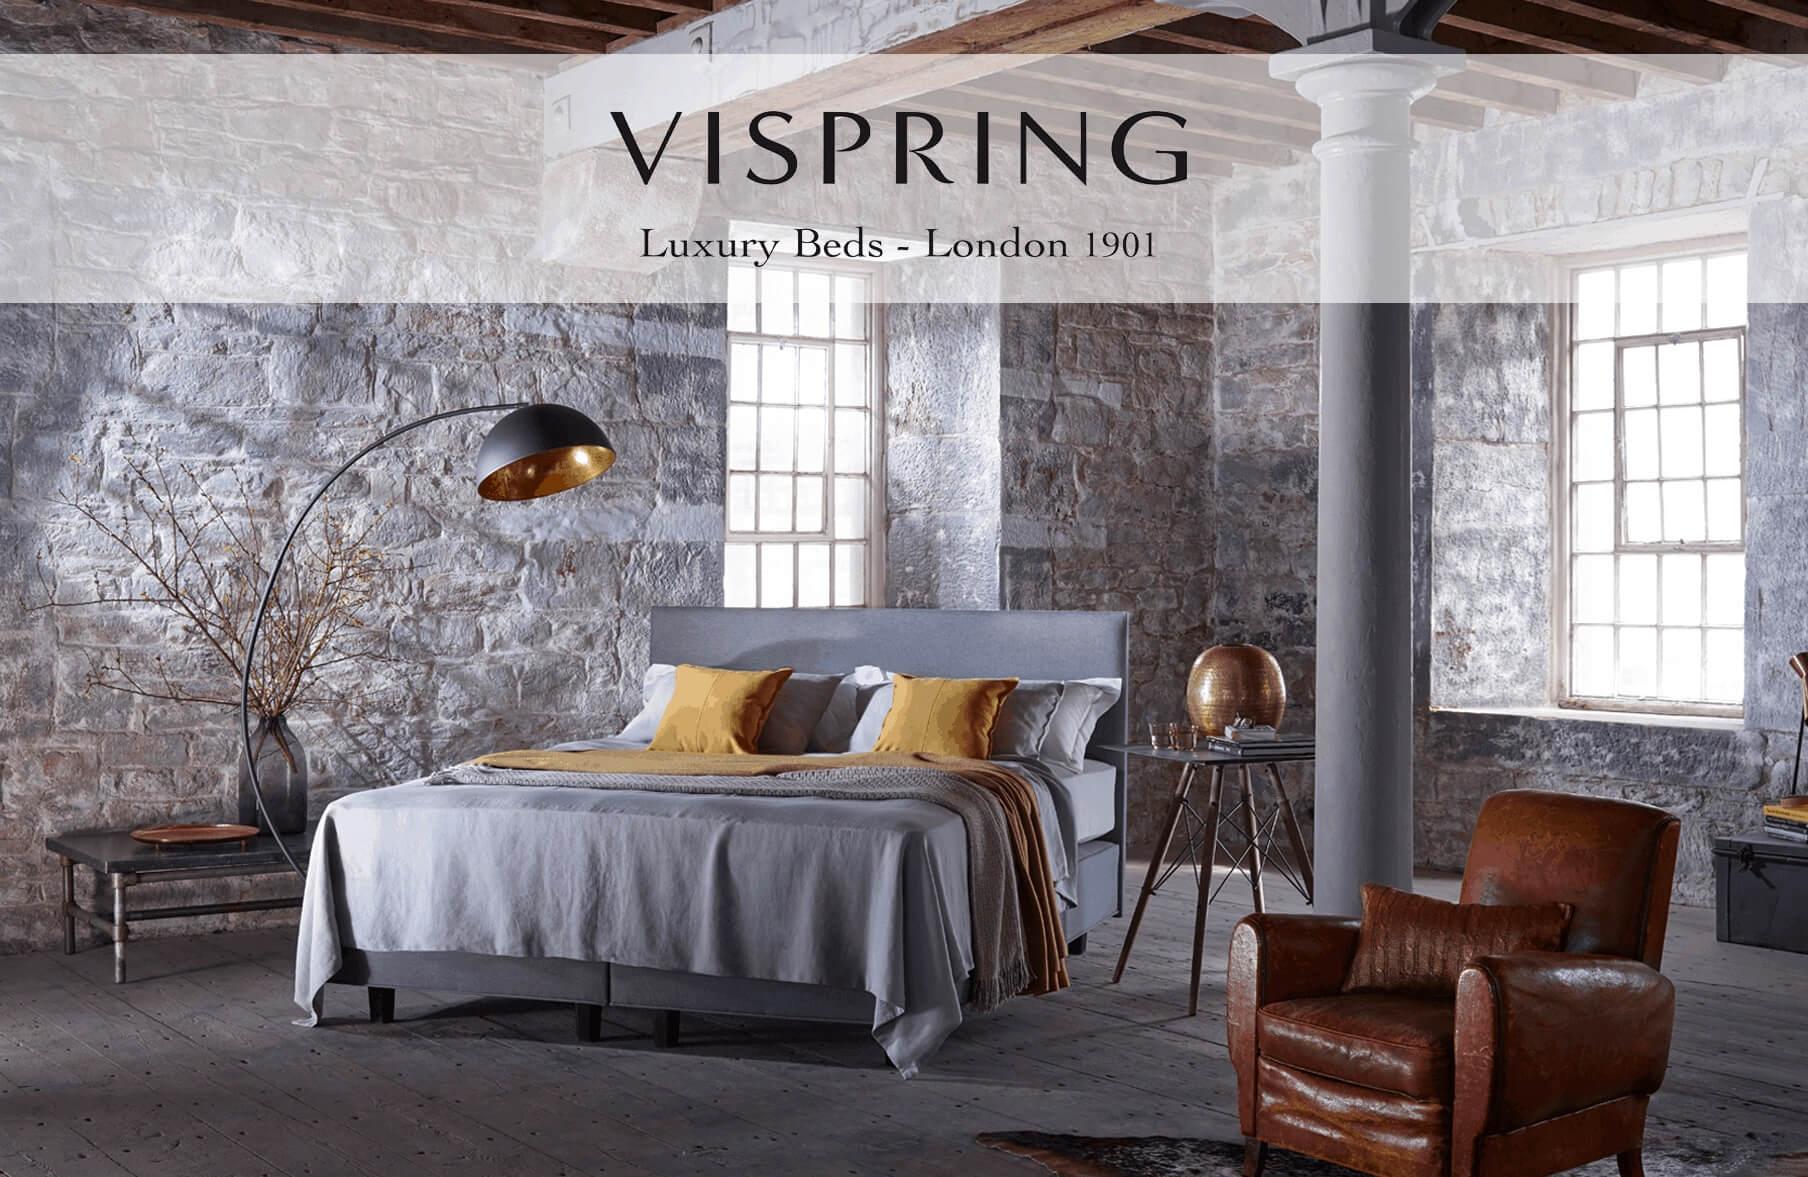 ViSpring-Britannica